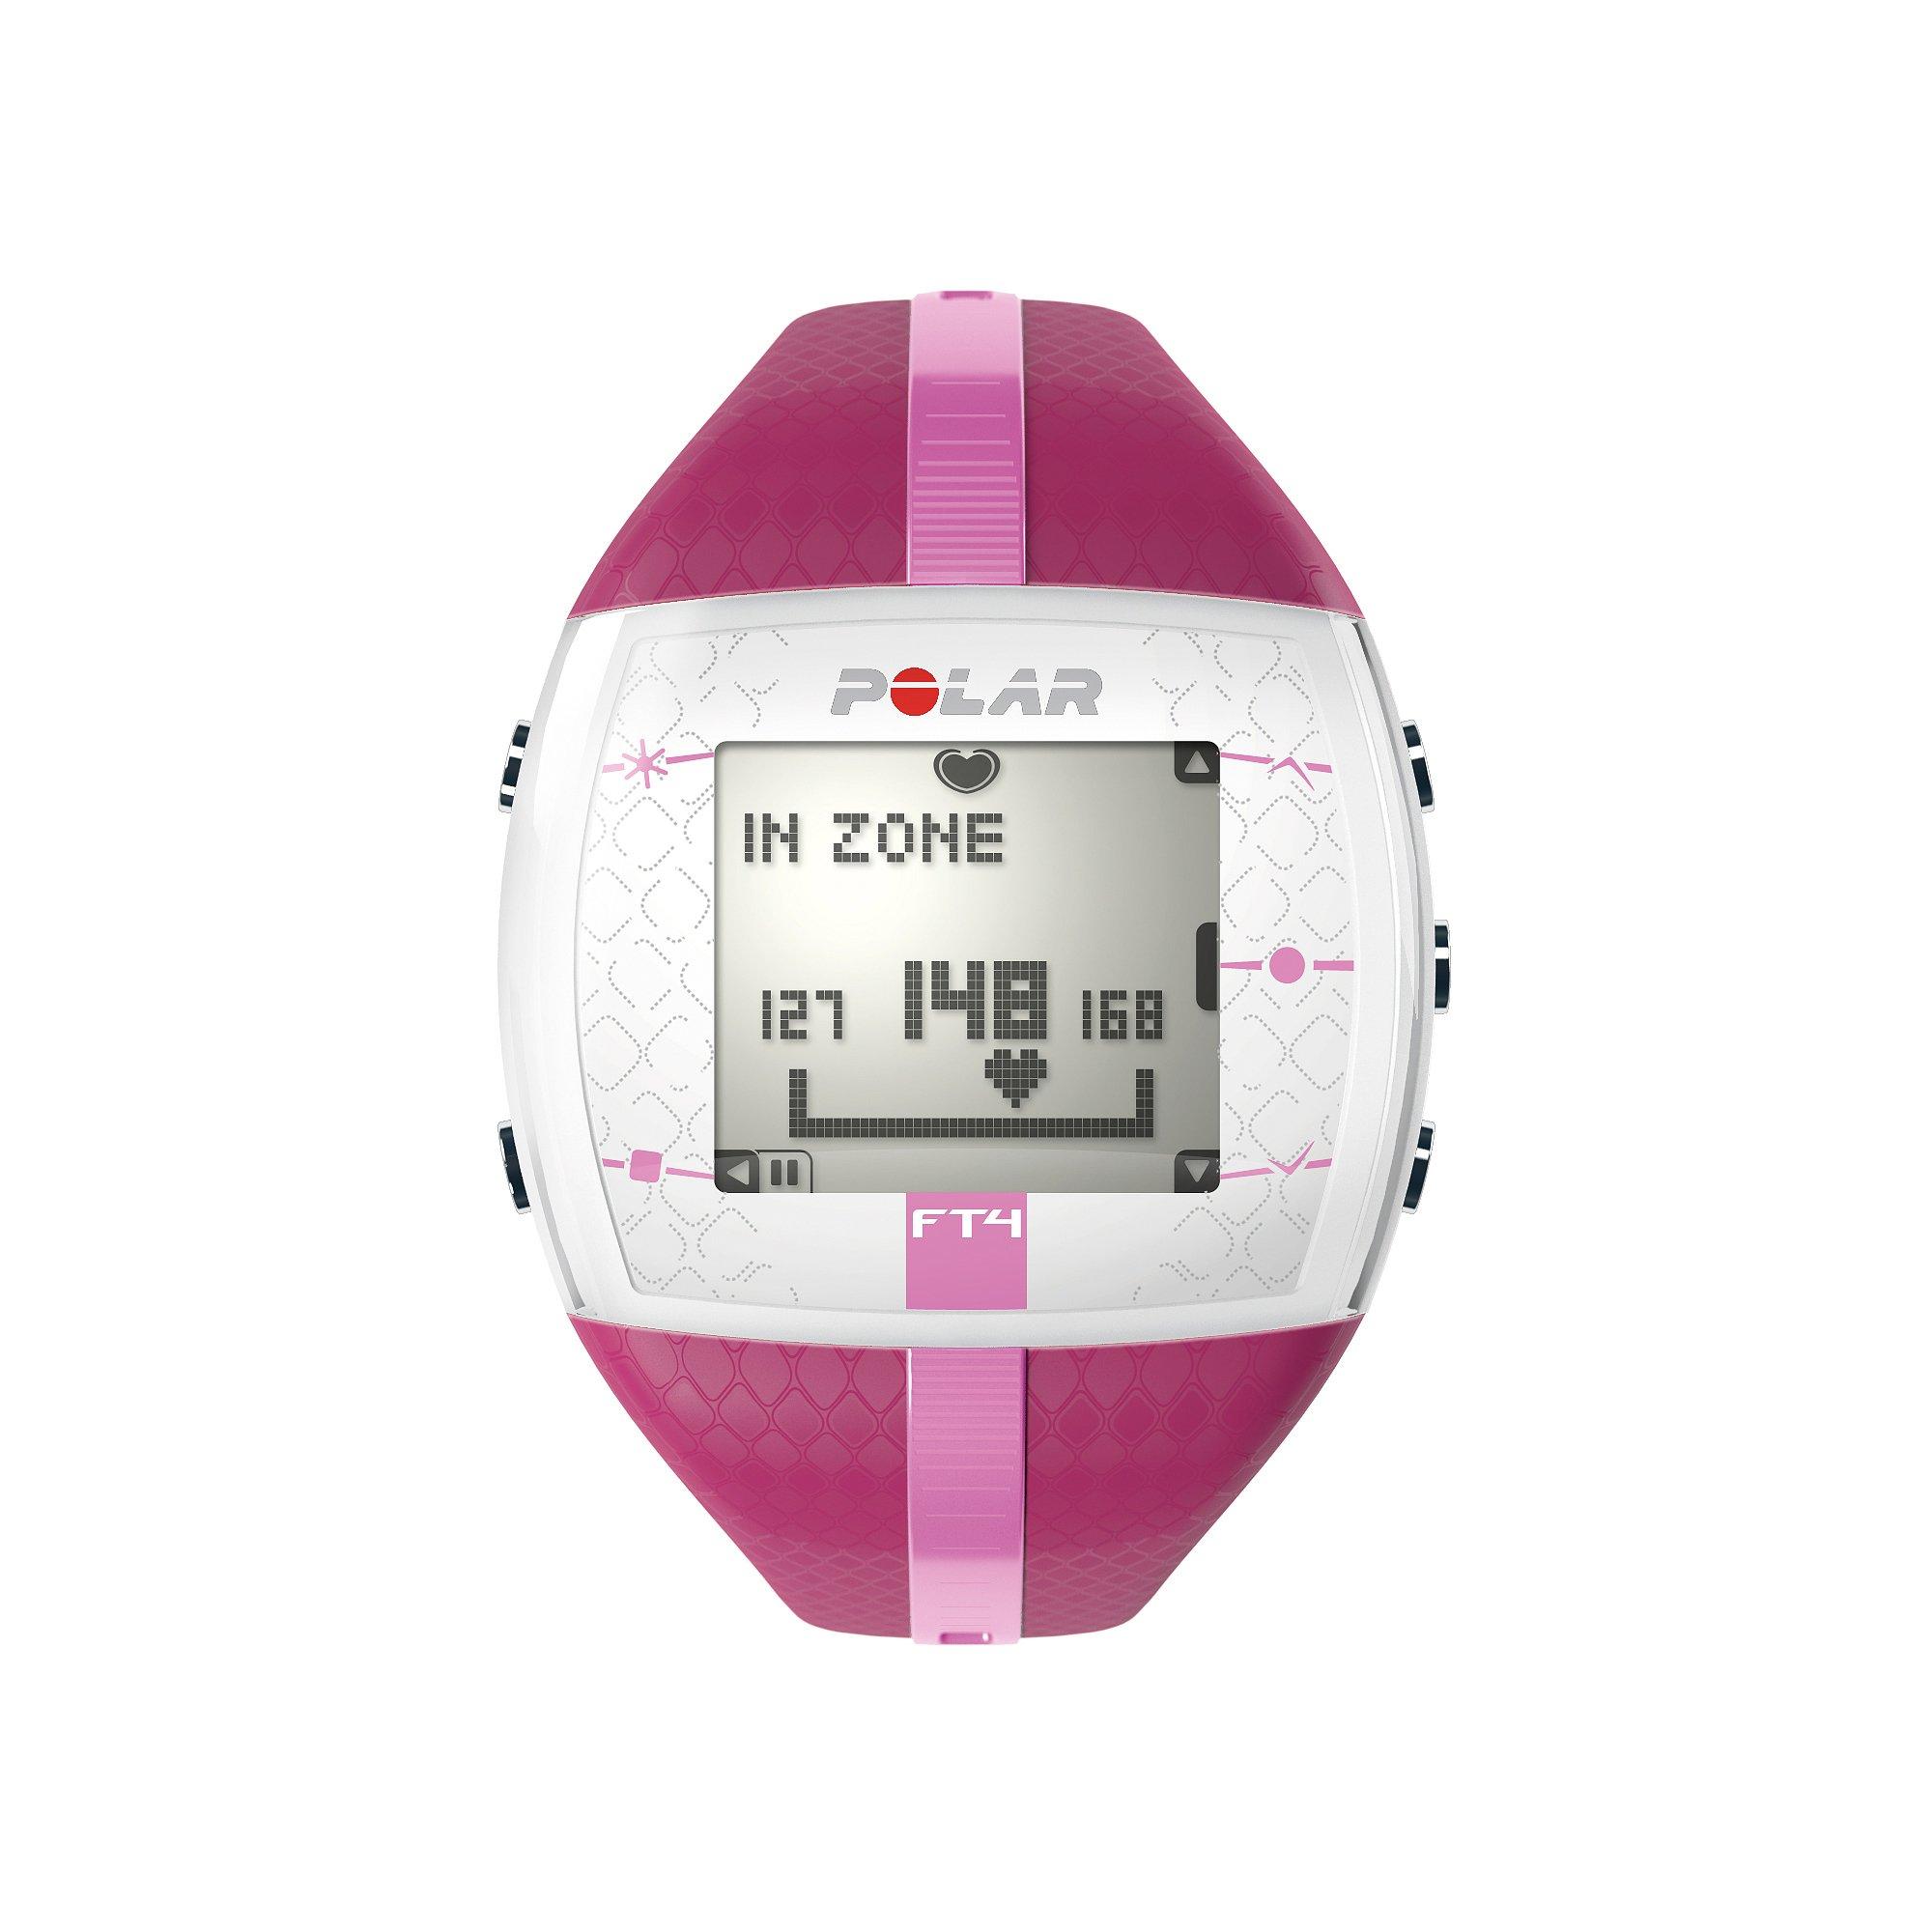 2aefd4764fc2fb Polar FT4 cardiofrequenzimetro e orologio sportivo, donna, 90051033,  Purple/Pink, Purple